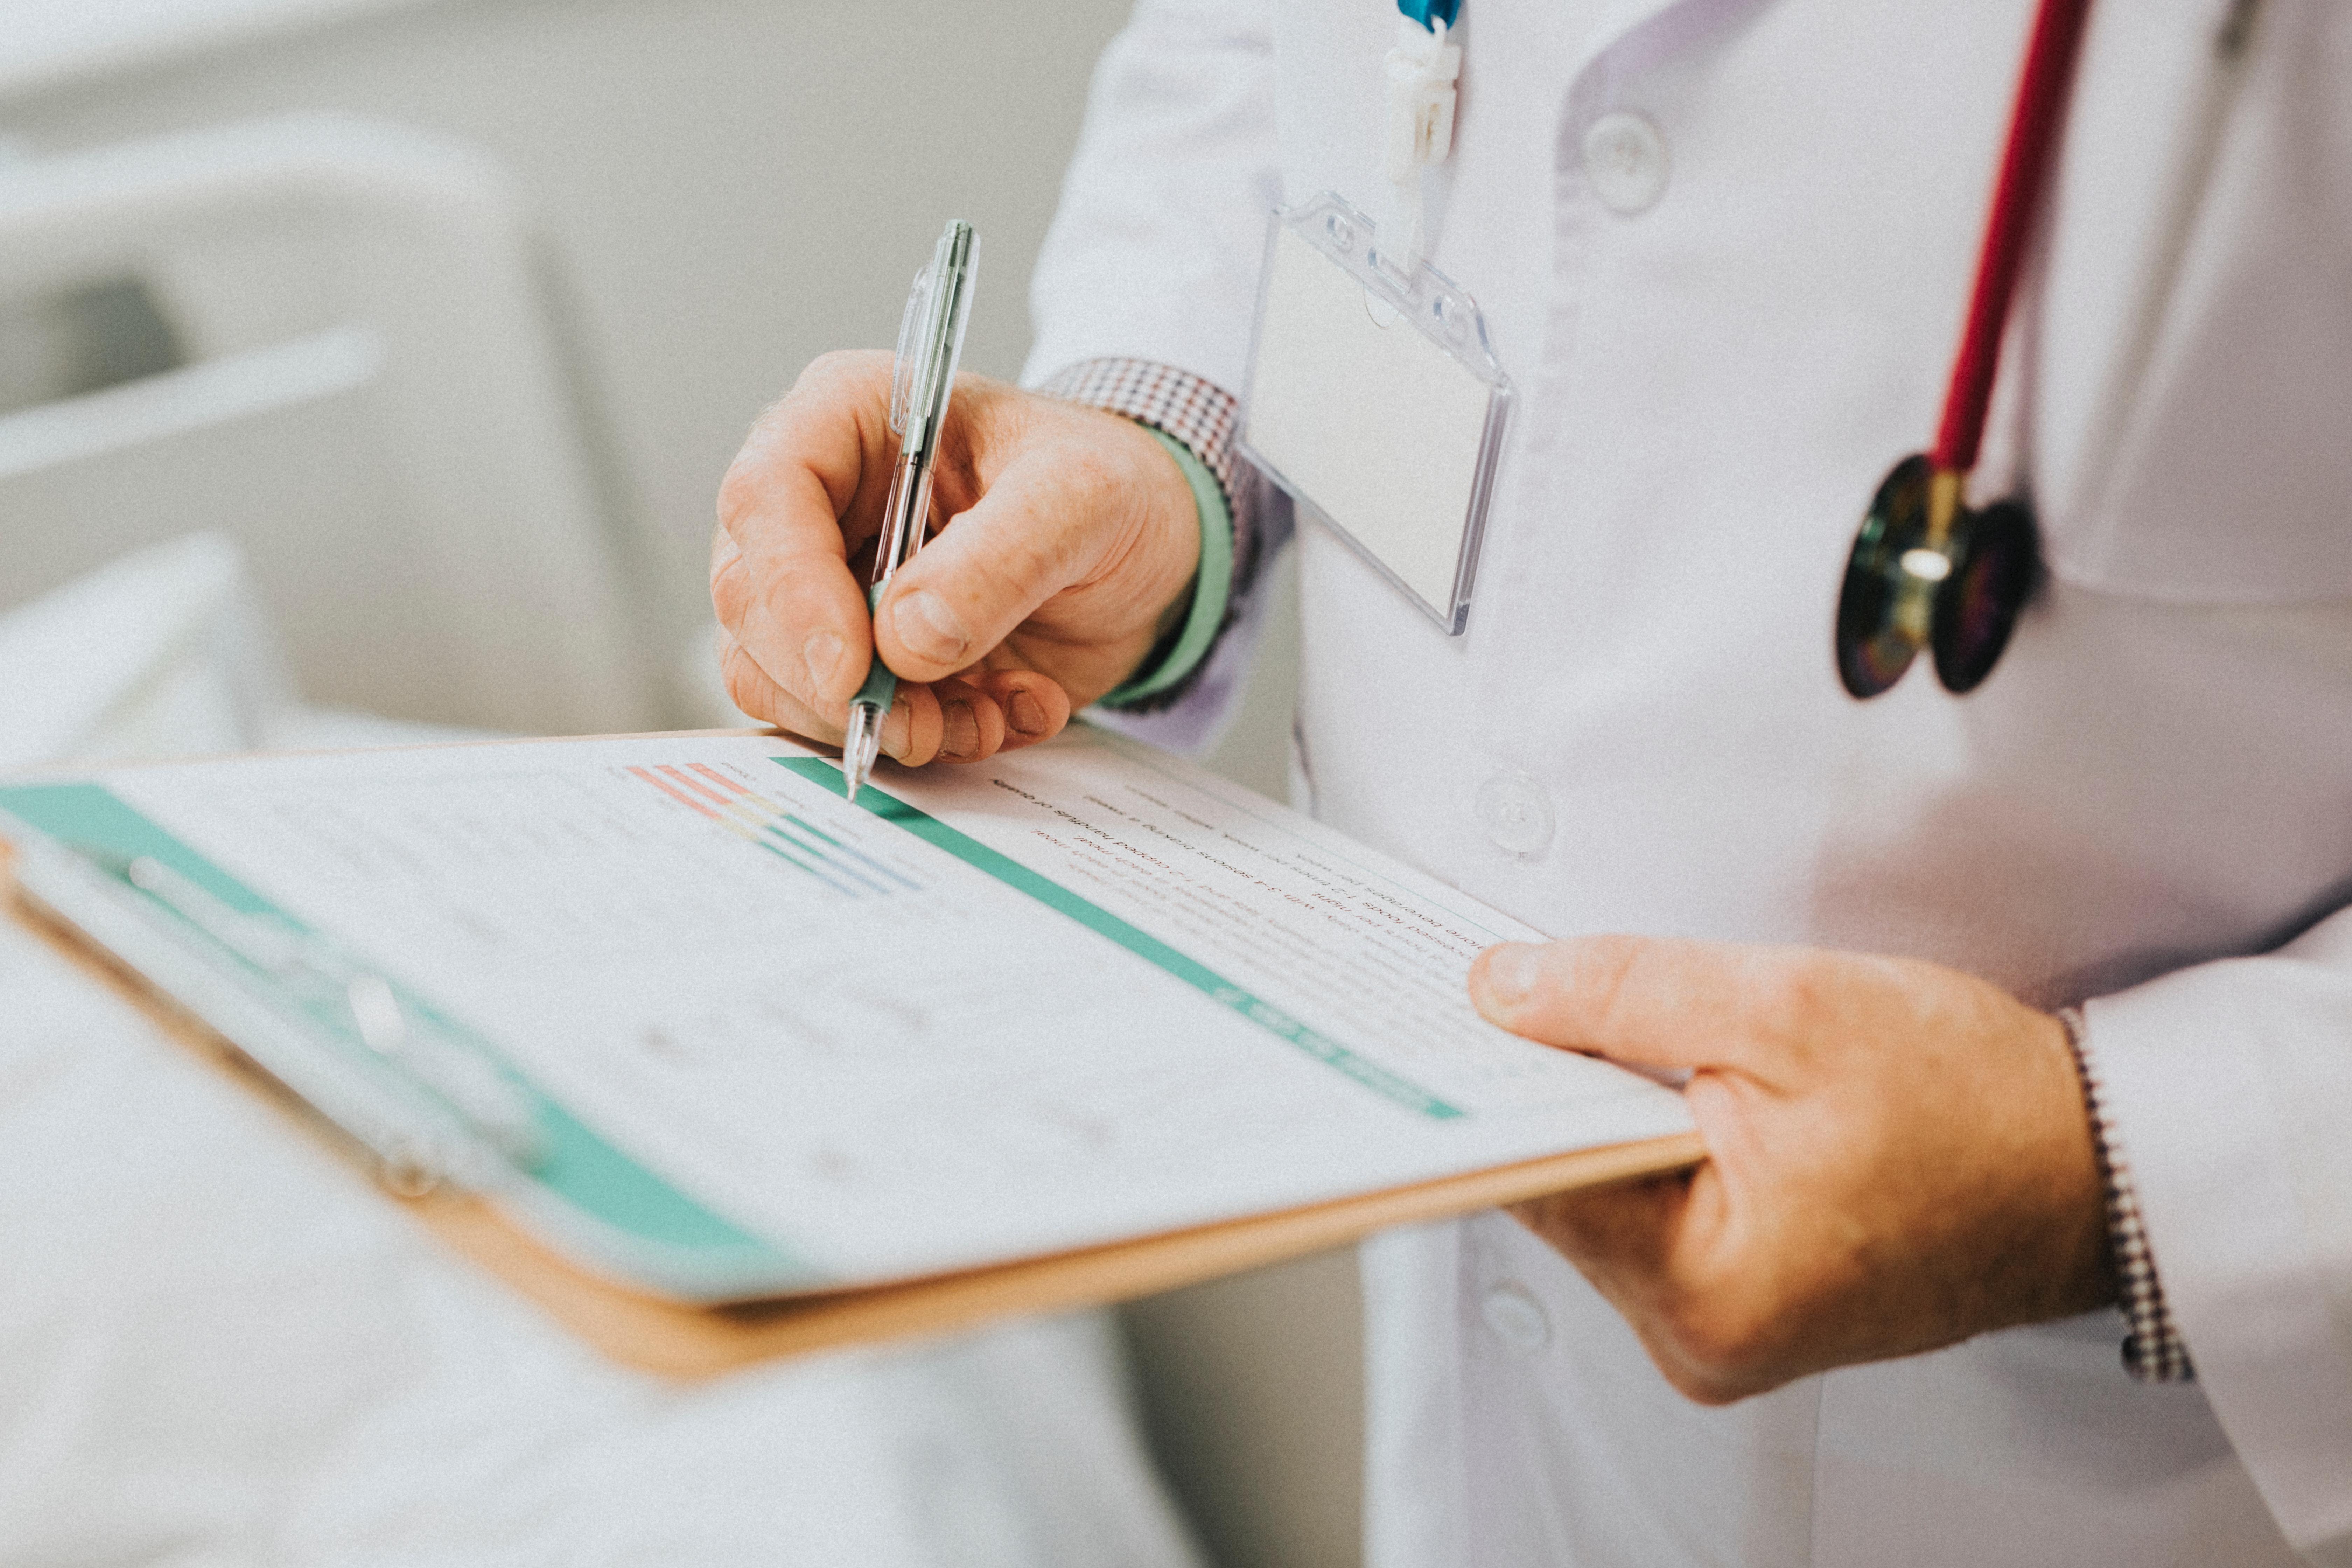 Ce analize medicale sunt necesare pentru a obtine rapid un permis auto?